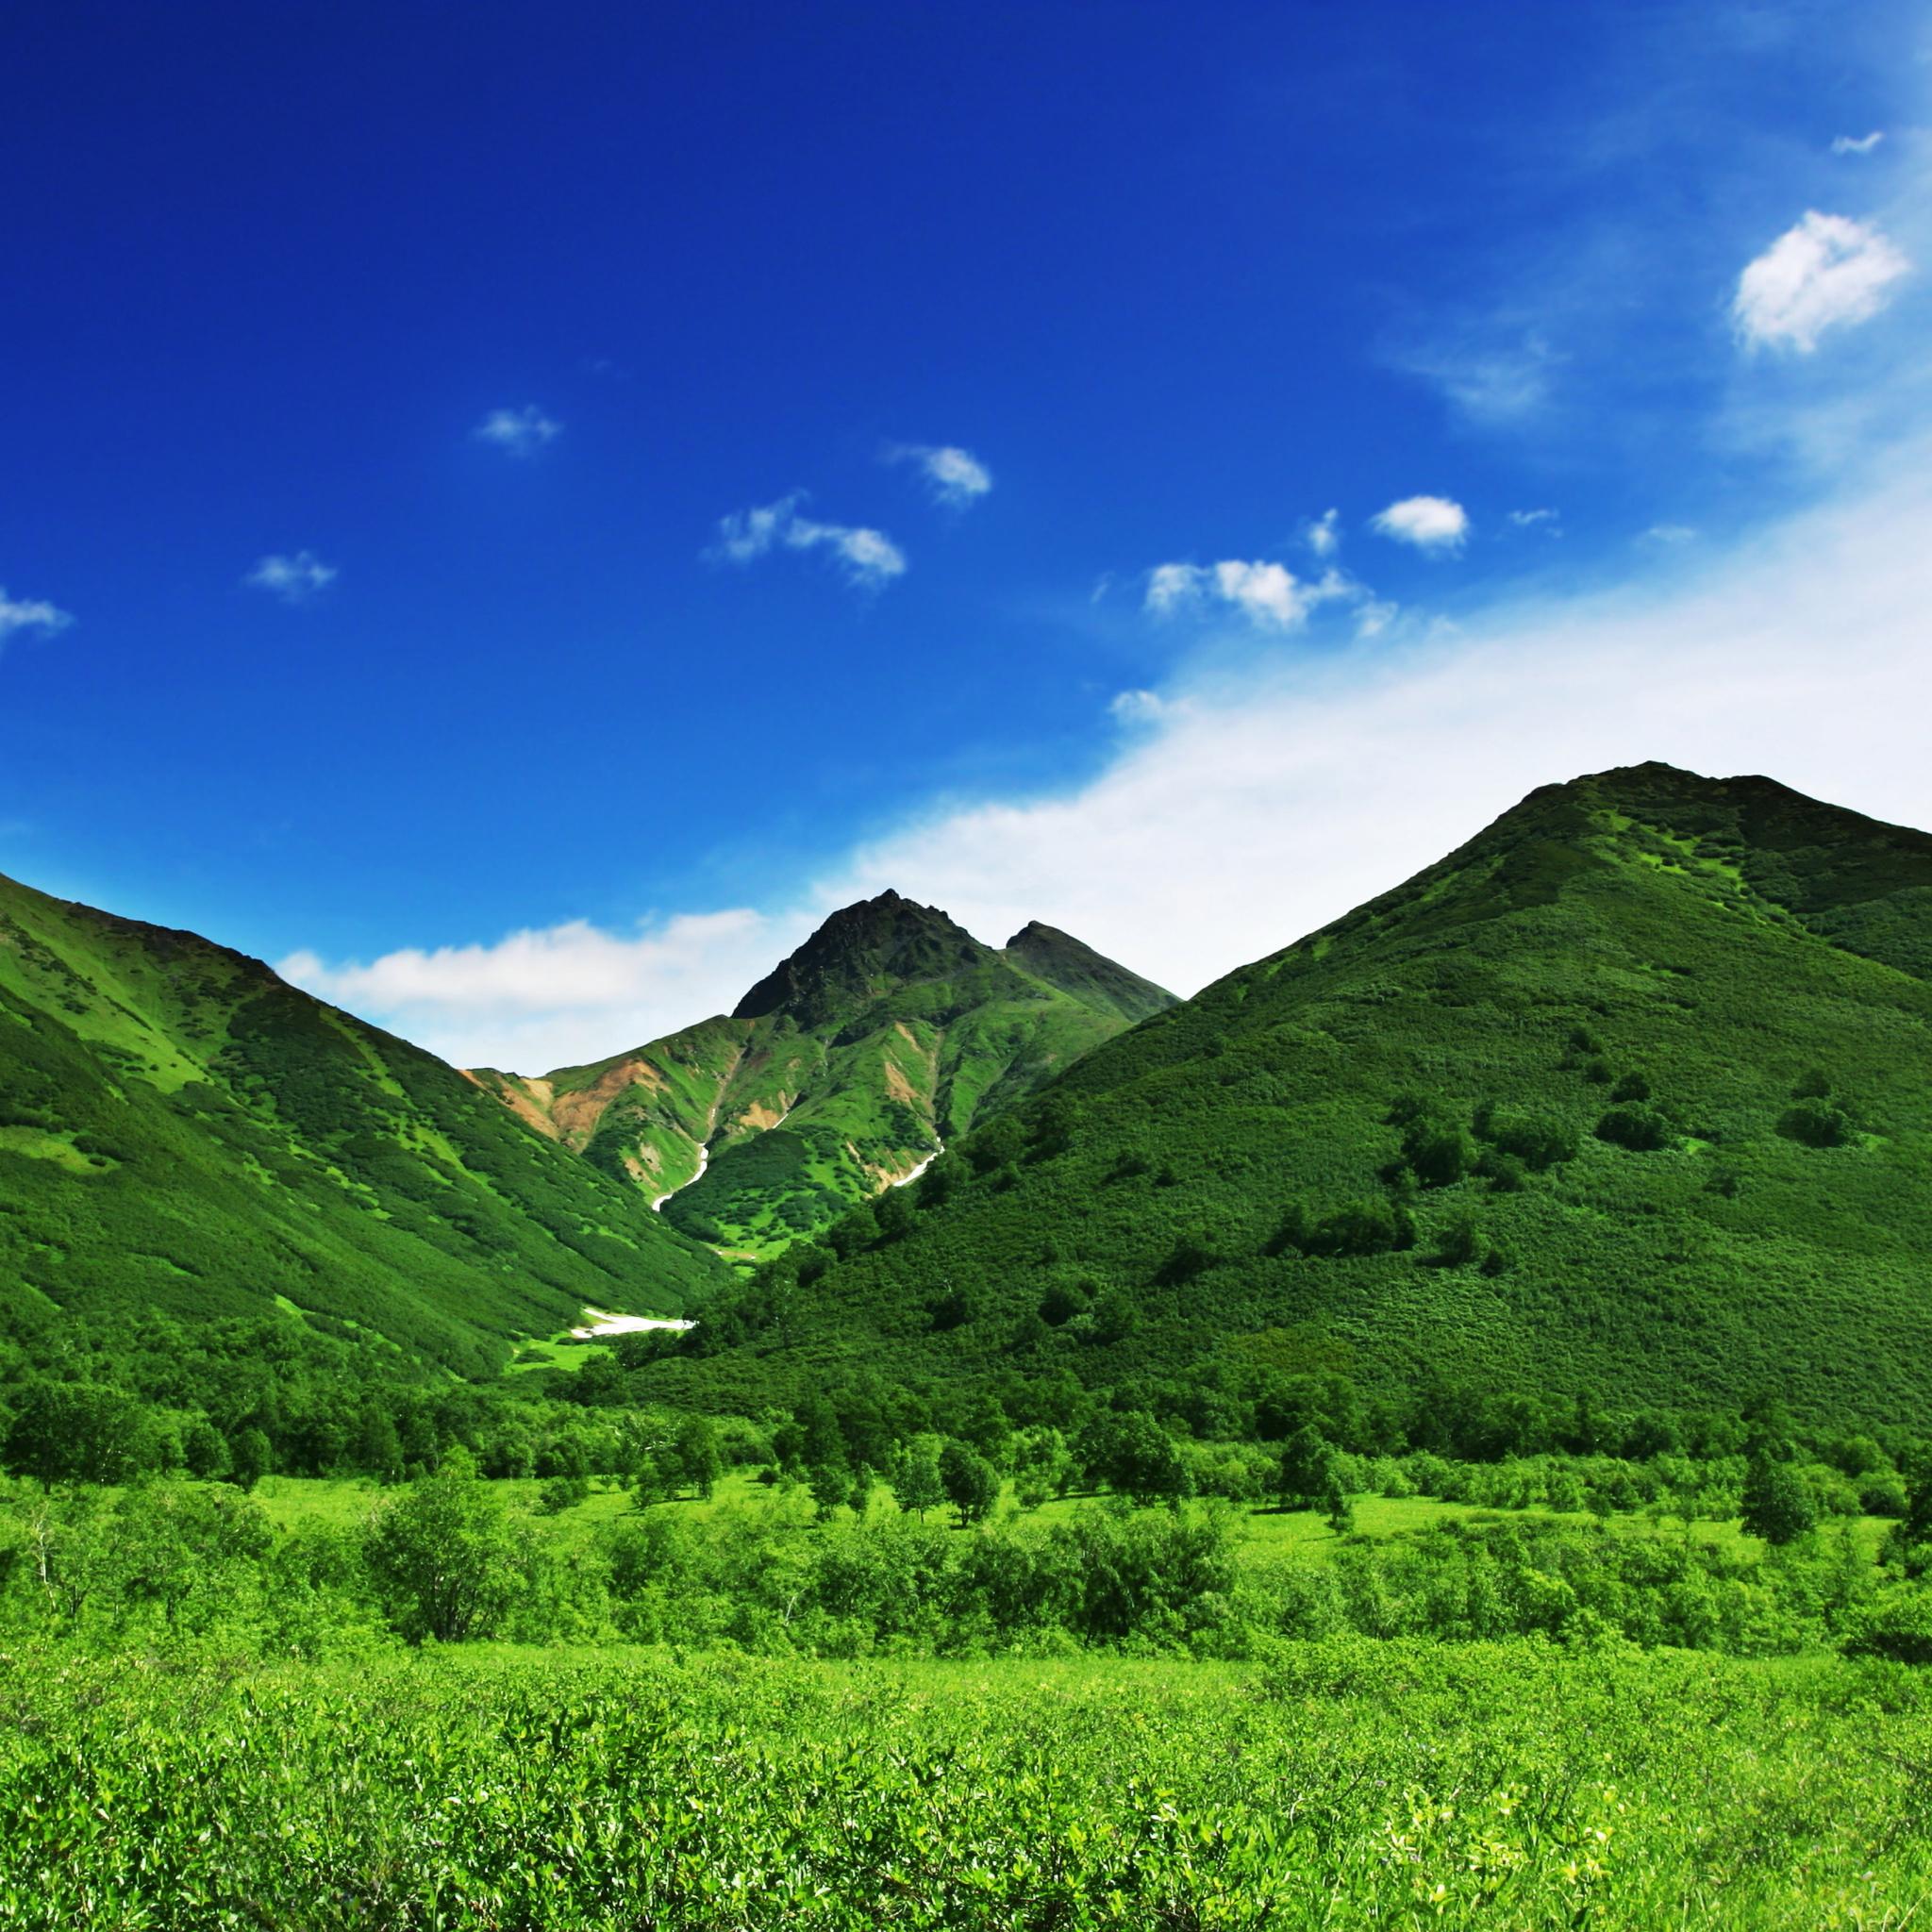 картинка зеленые холмы можно